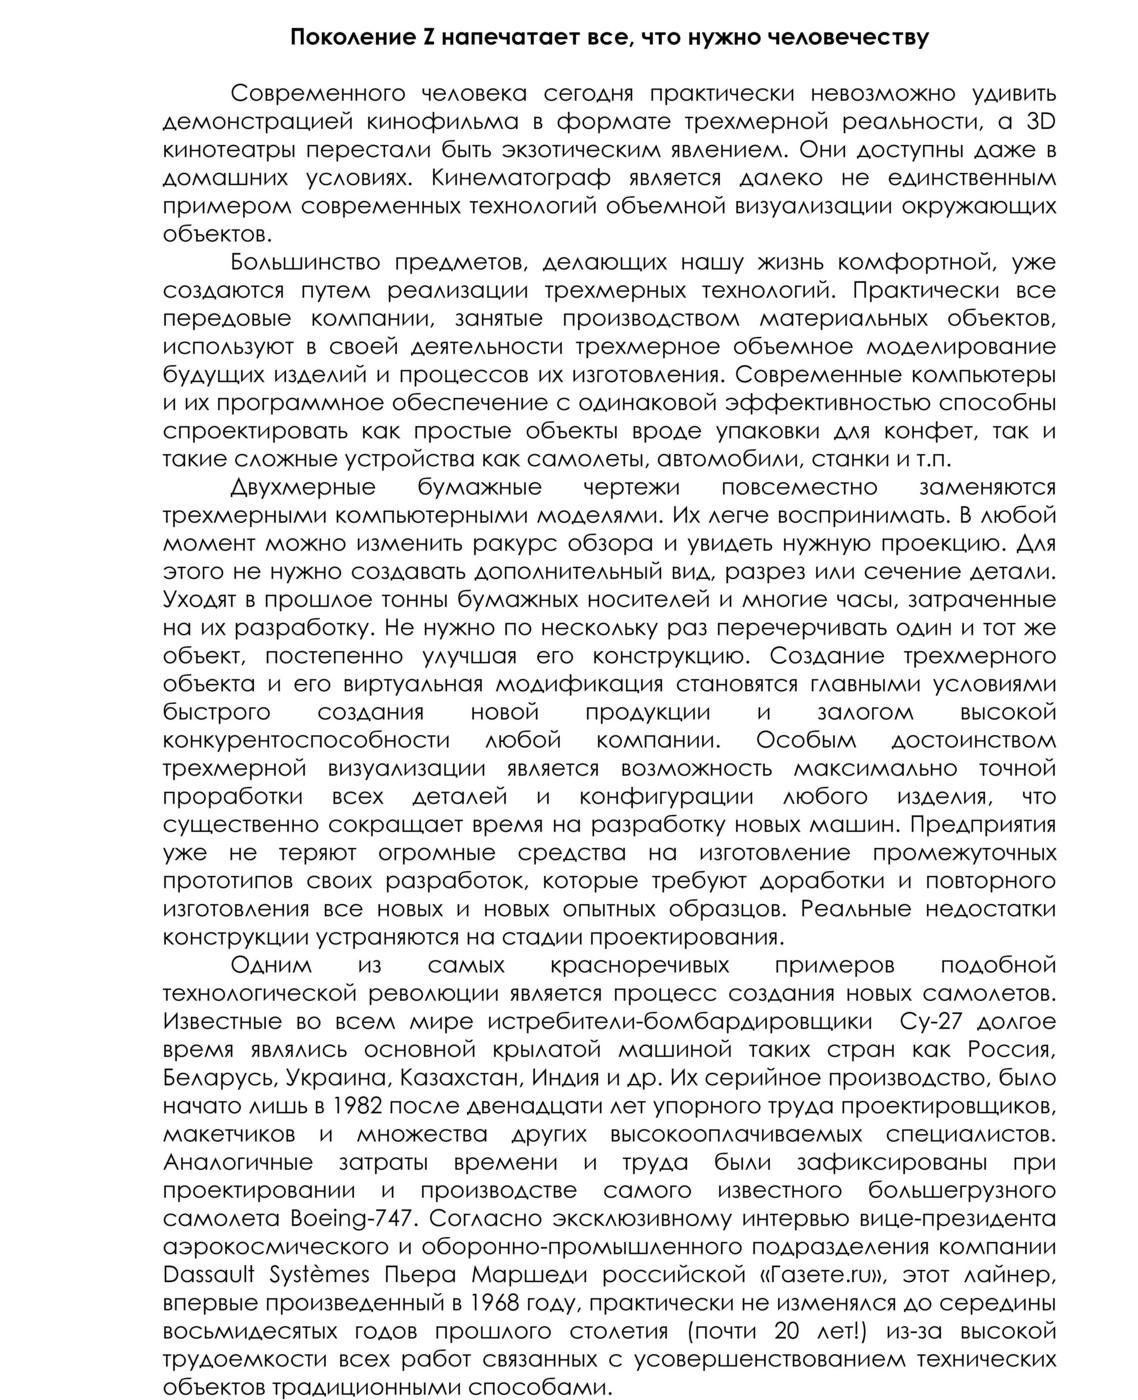 pokolenie_z_napechataet_vse_chto_nuzhno_chelovechestvu_1.jpg